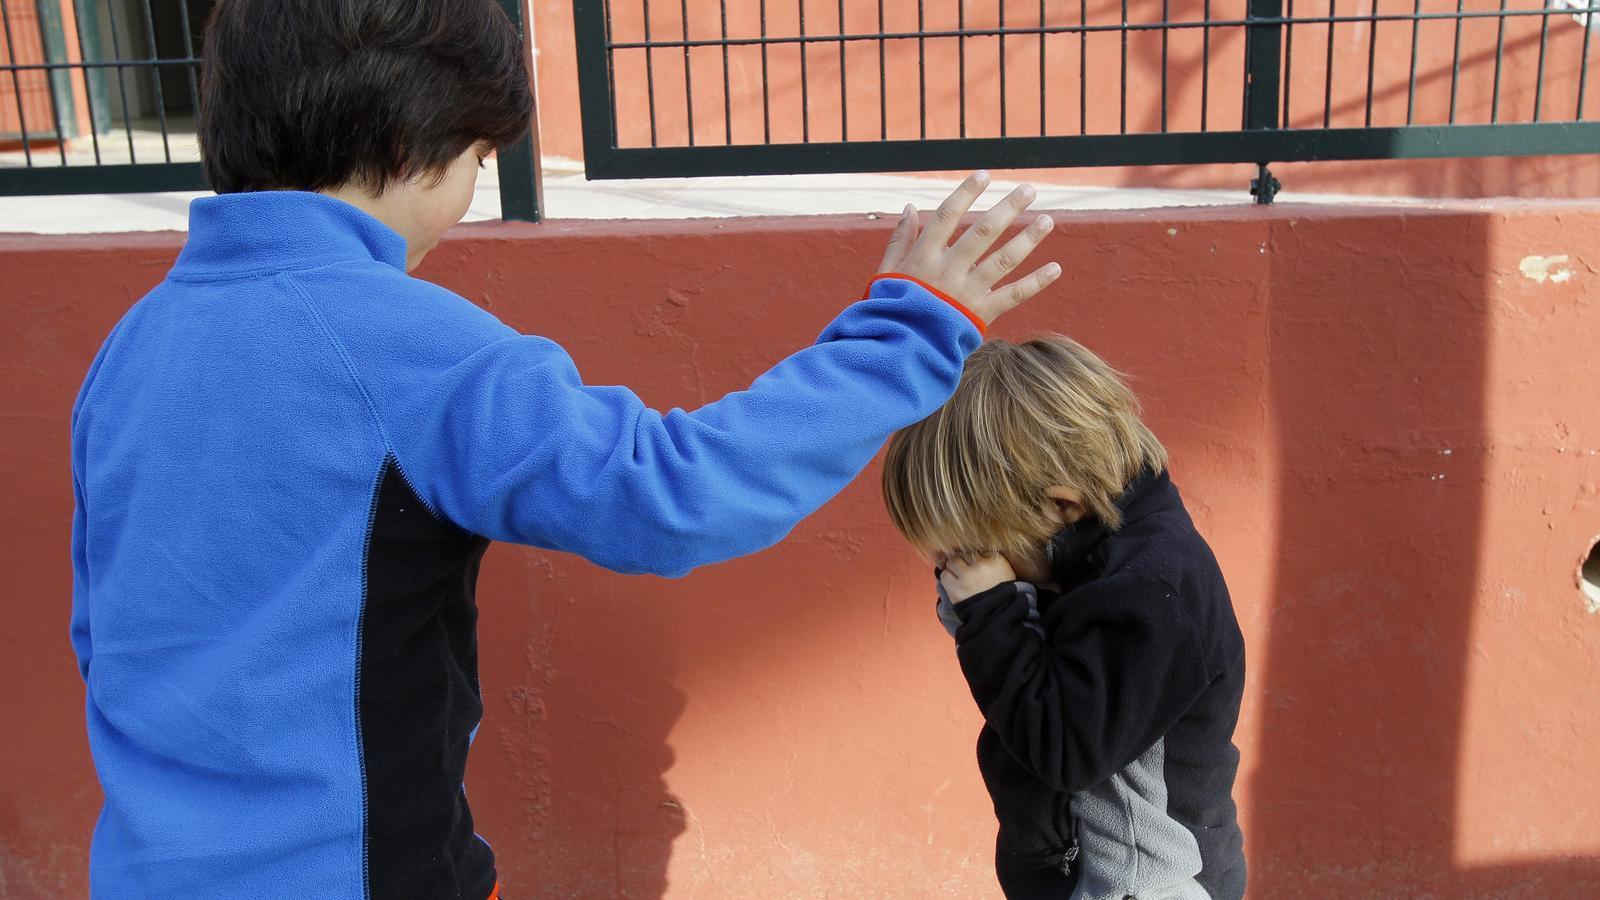 INTEGRACIÓ SENSORIAL. Miquel té un comportament poc apropiat cap a la resta. / ISAAC BUJ